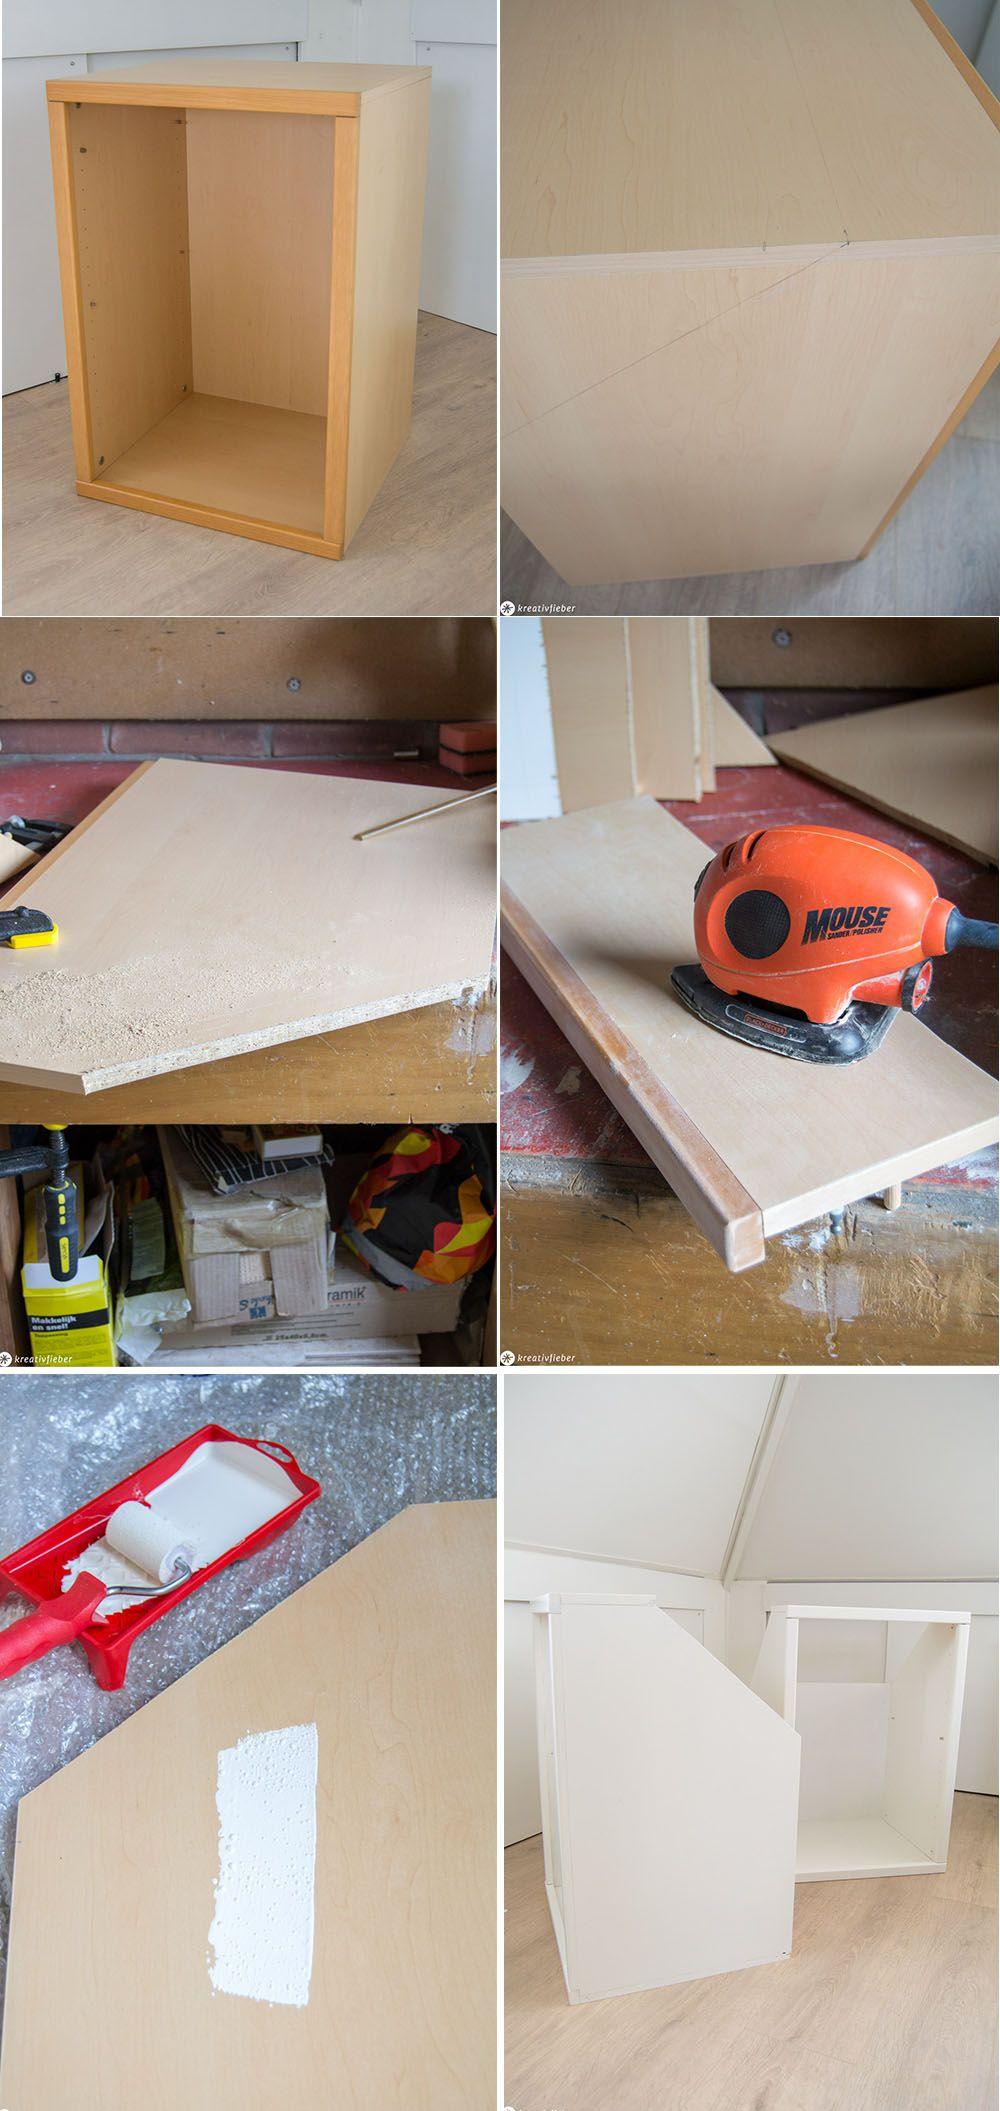 Diy Ganz Einfach Schranke Fur Dachschragen Bauen Schrank Dachschrage Schrank Selber Bauen Dachschrage